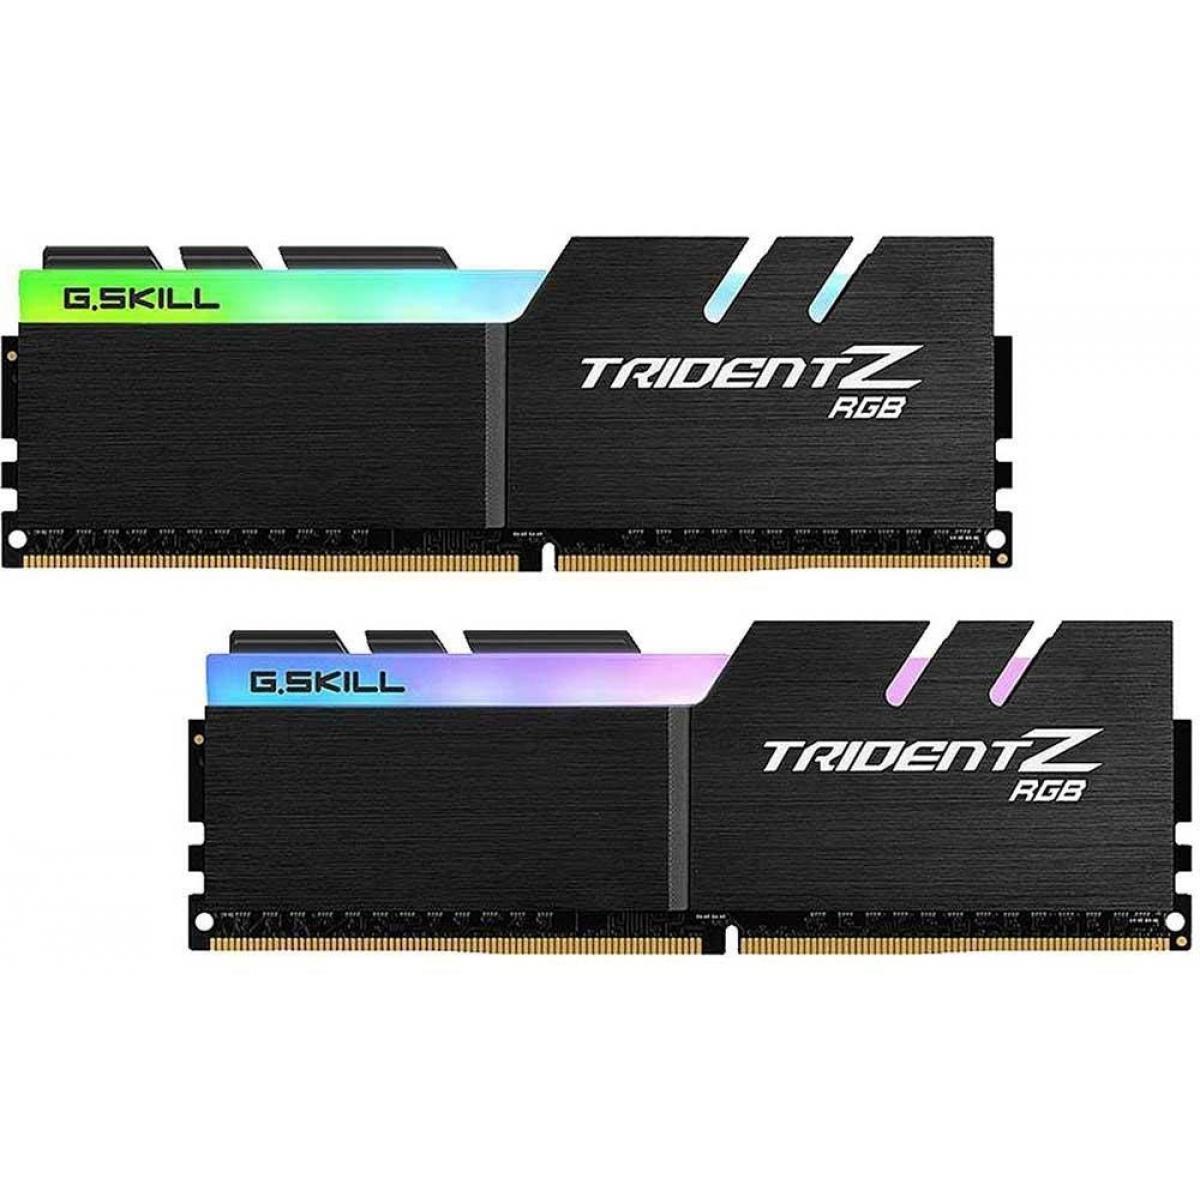 Memória DDR4 G.Skill Trident Z RGB, 16GB (2x8GB) 3600MHz, F4-3600C19D-16GTZRB